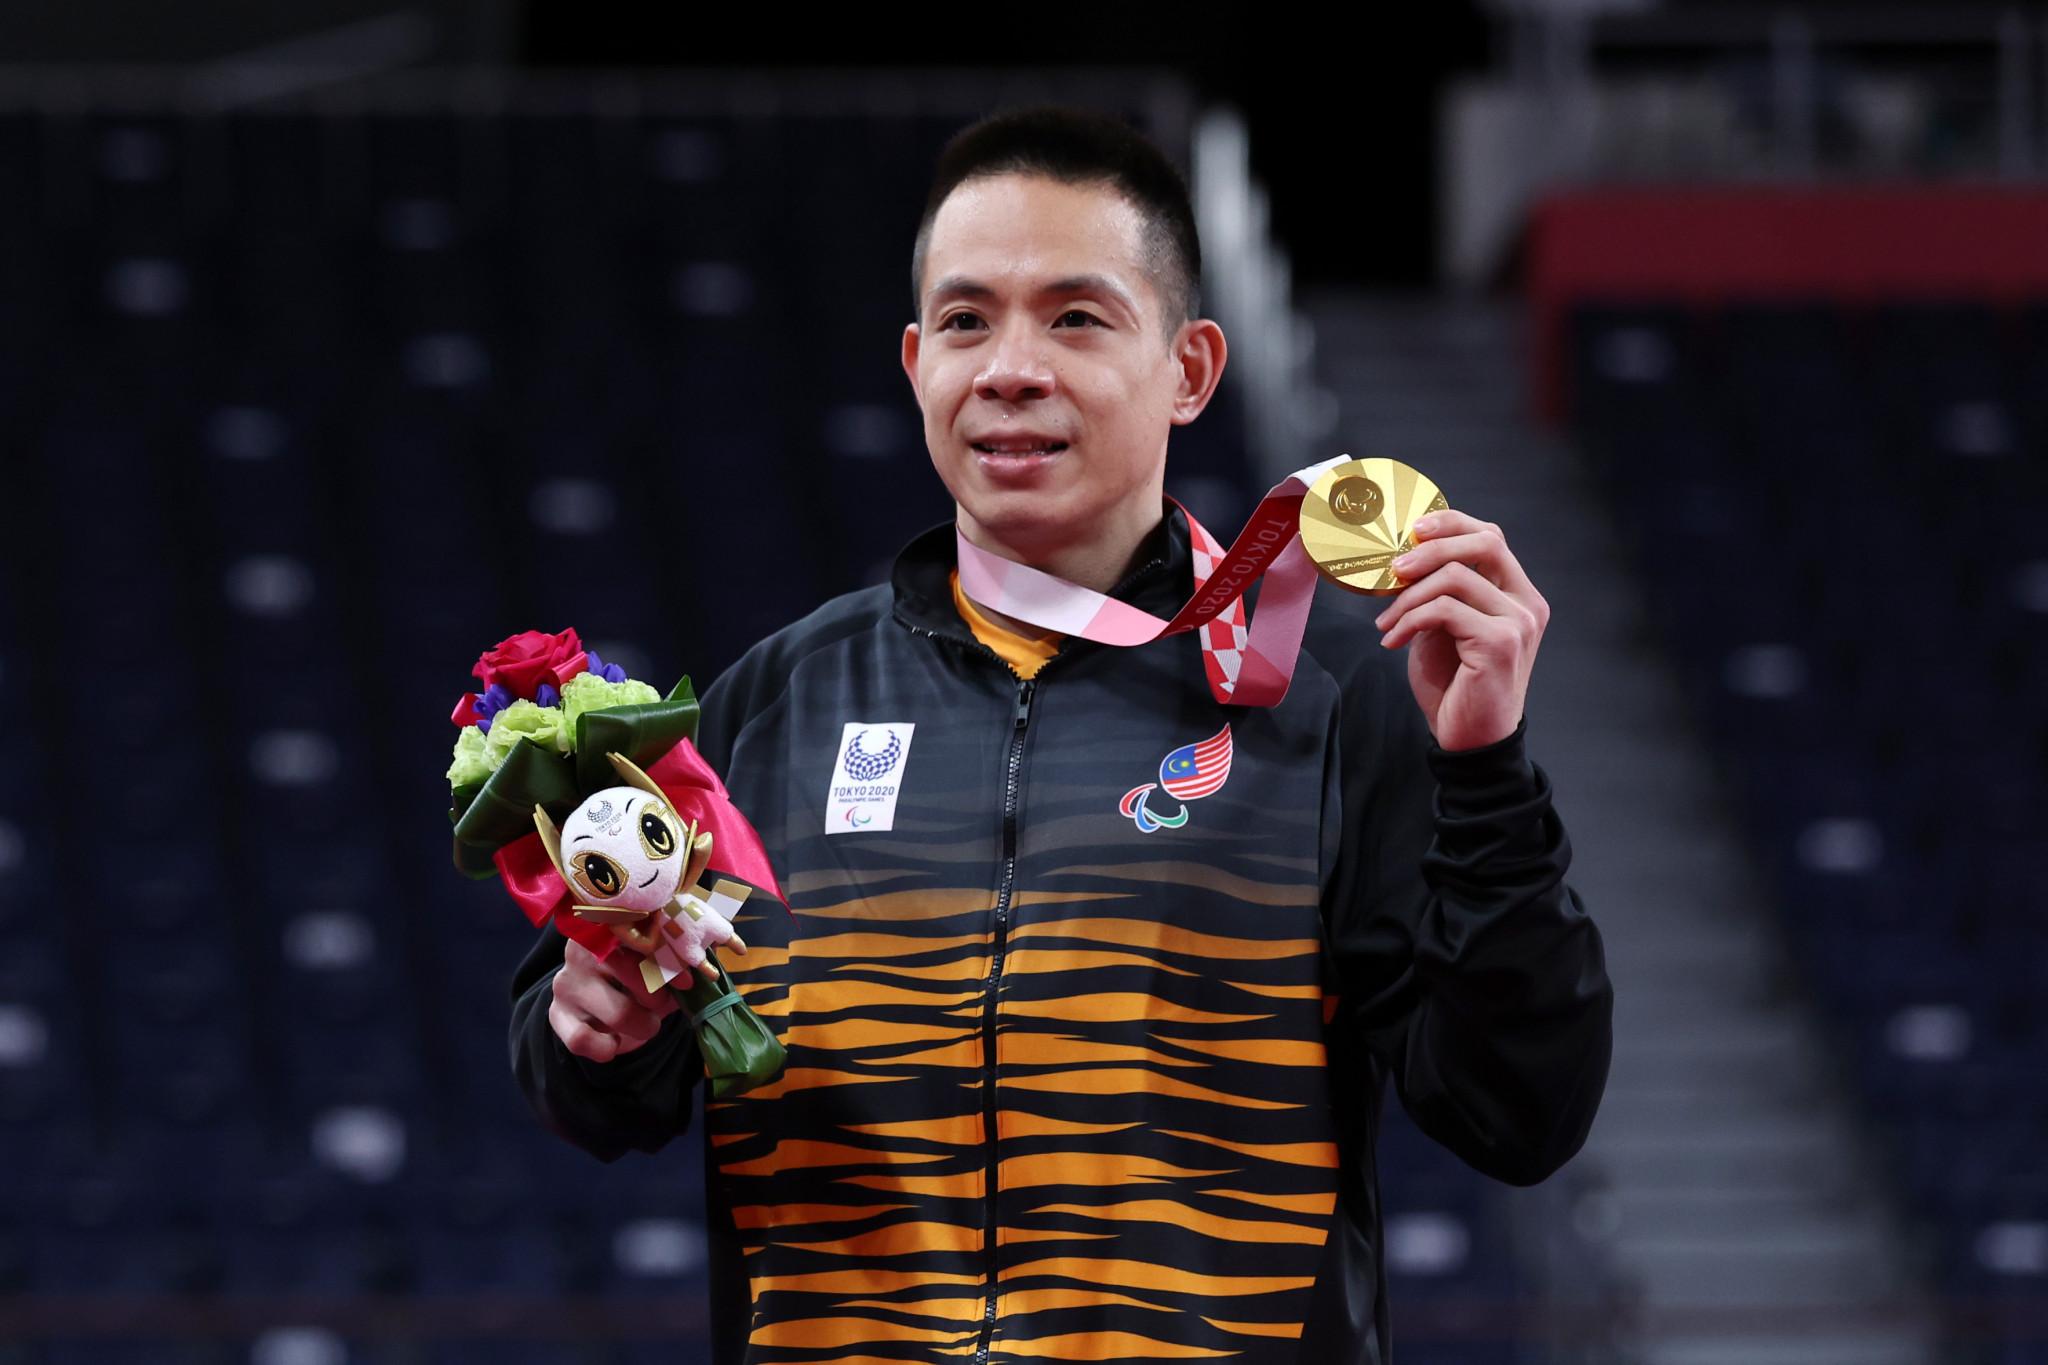 Cheah becomes inaugural Para-badminton champion at Tokyo 2020 Paralympic Games